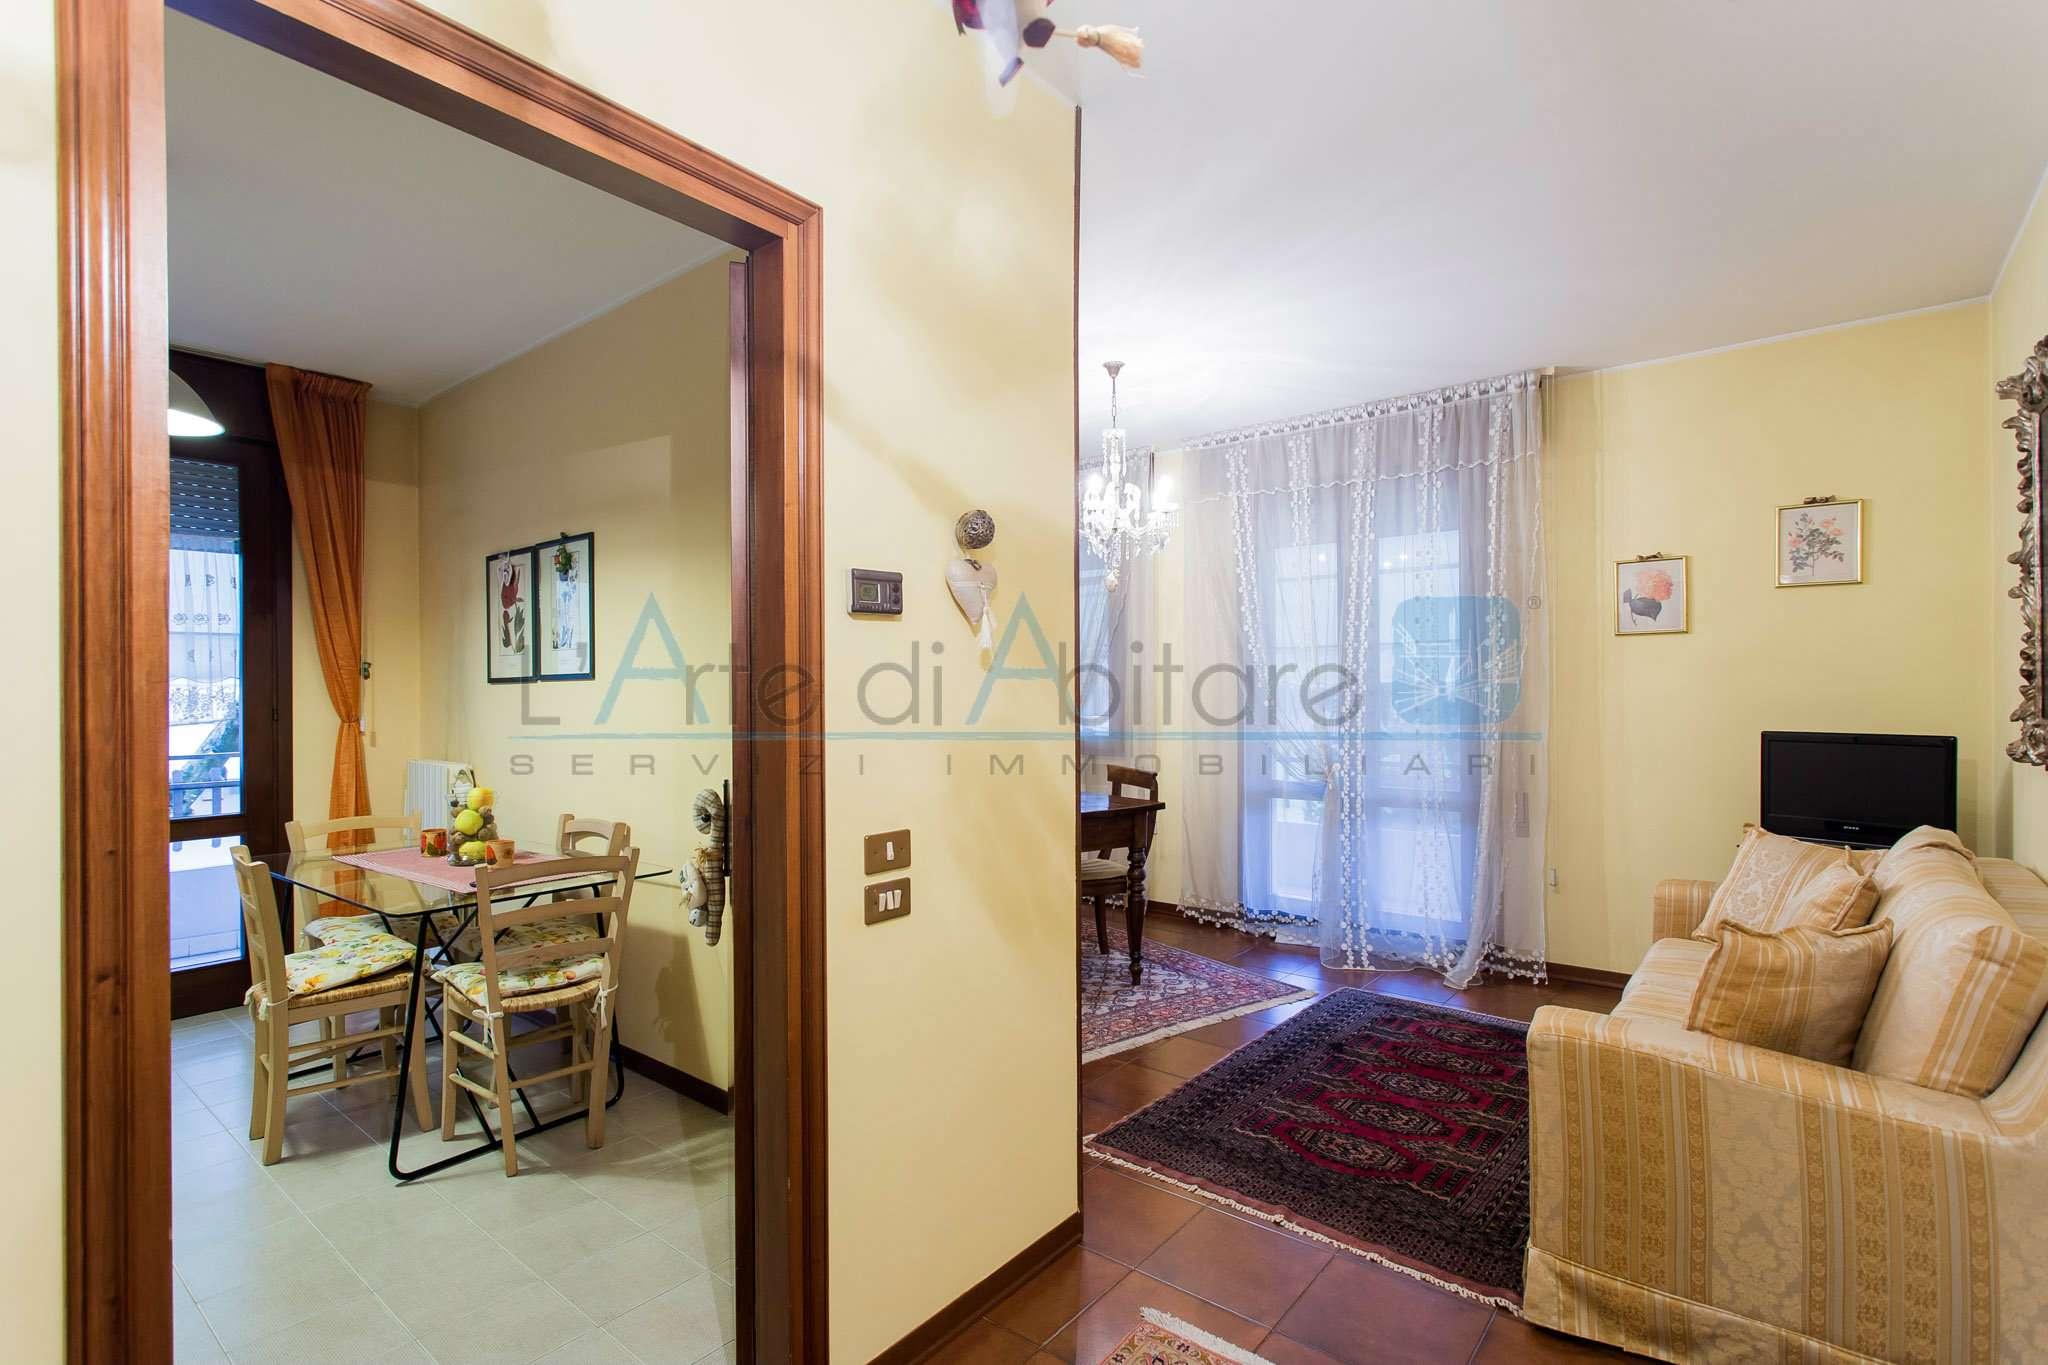 Appartamento in vendita a Piove di Sacco, 6 locali, prezzo € 120.000 | Cambio Casa.it